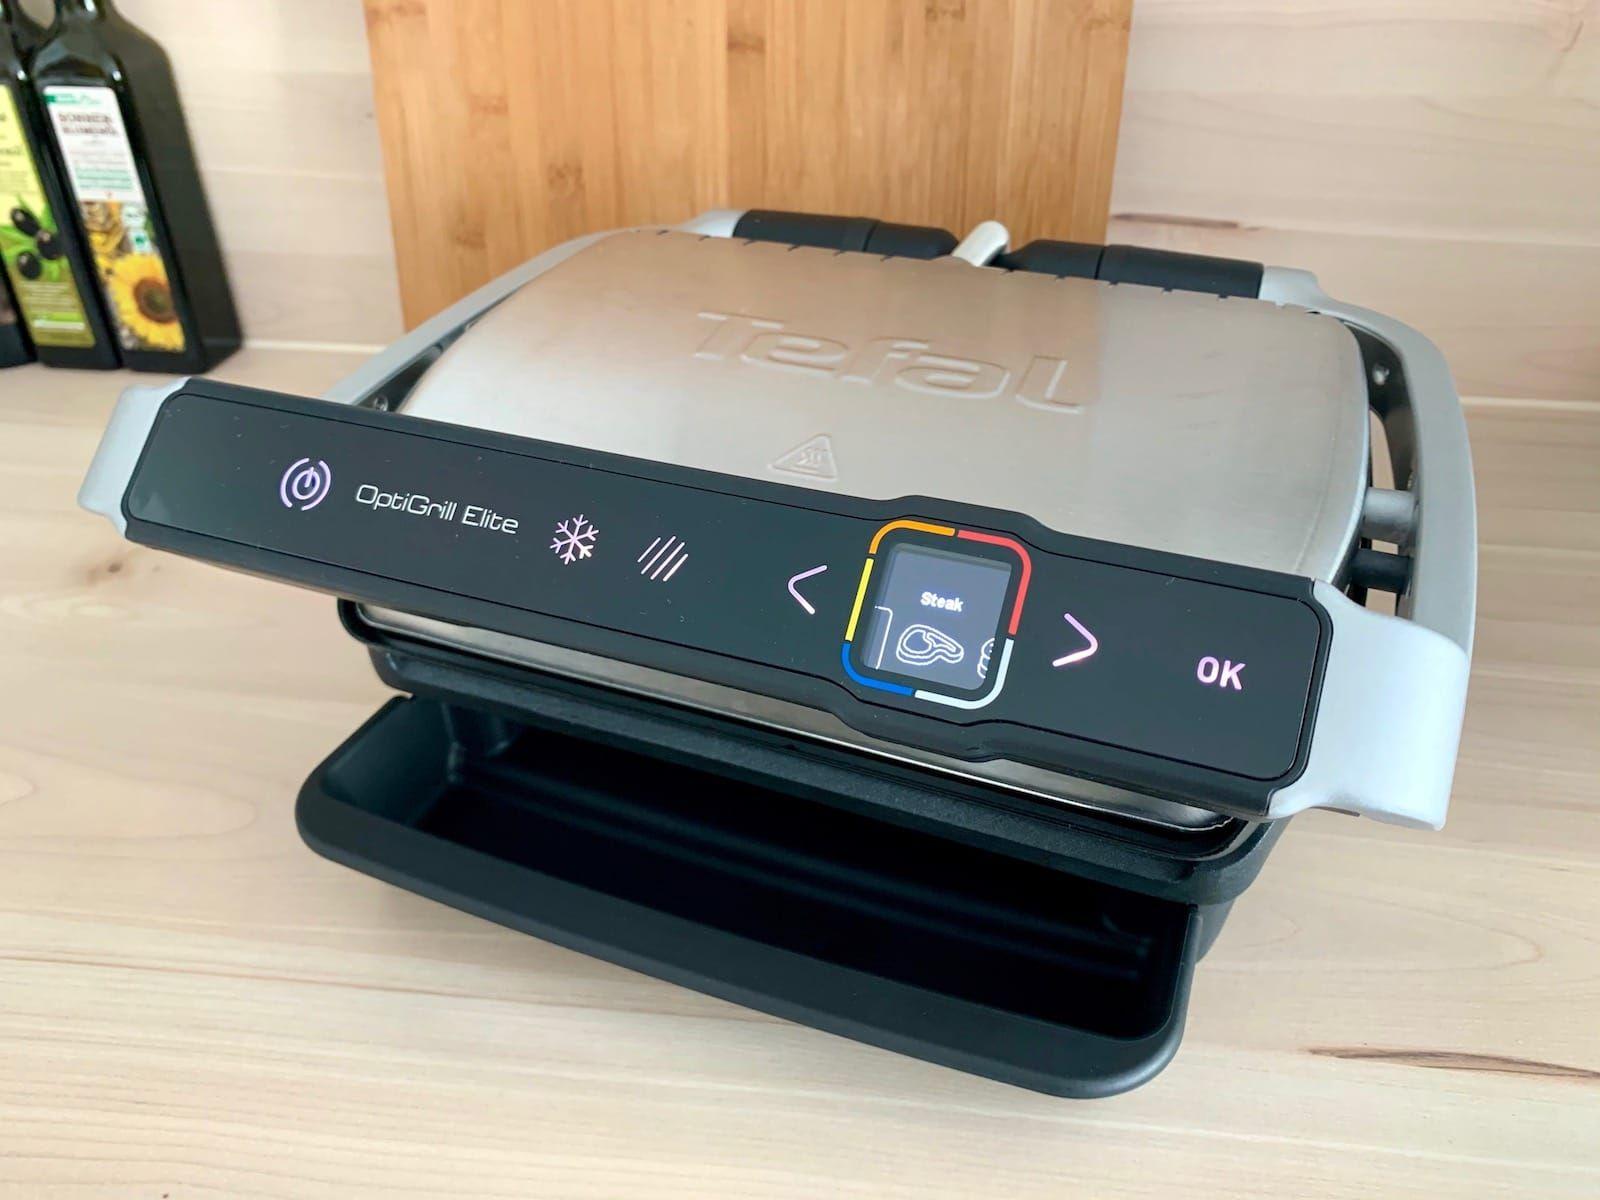 [Niederlande] Mediamarkt Tefal Optigrill Elite GC750D für eff. 149€ durch 30€ Cashback